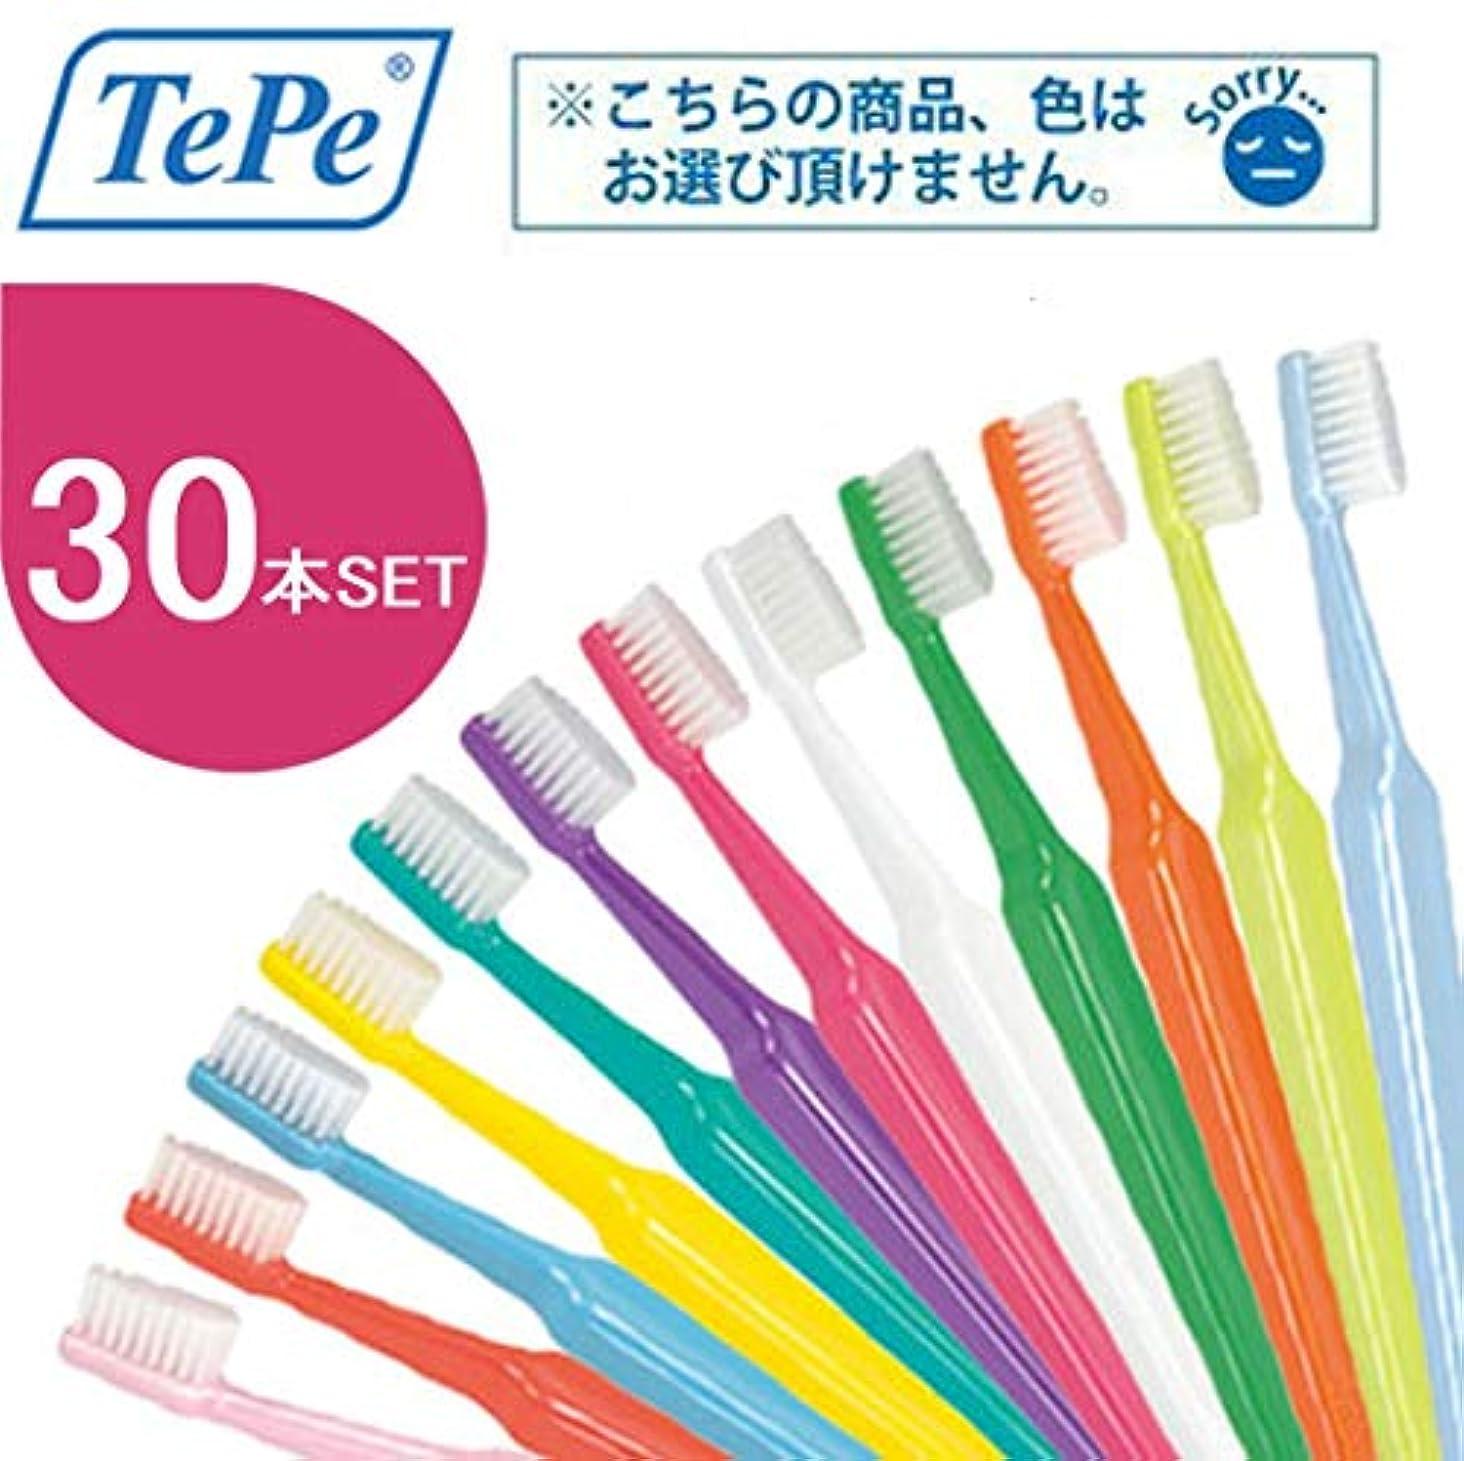 クロスフィールド TePe テペ セレクト 歯ブラシ 30本 (ミディアム)